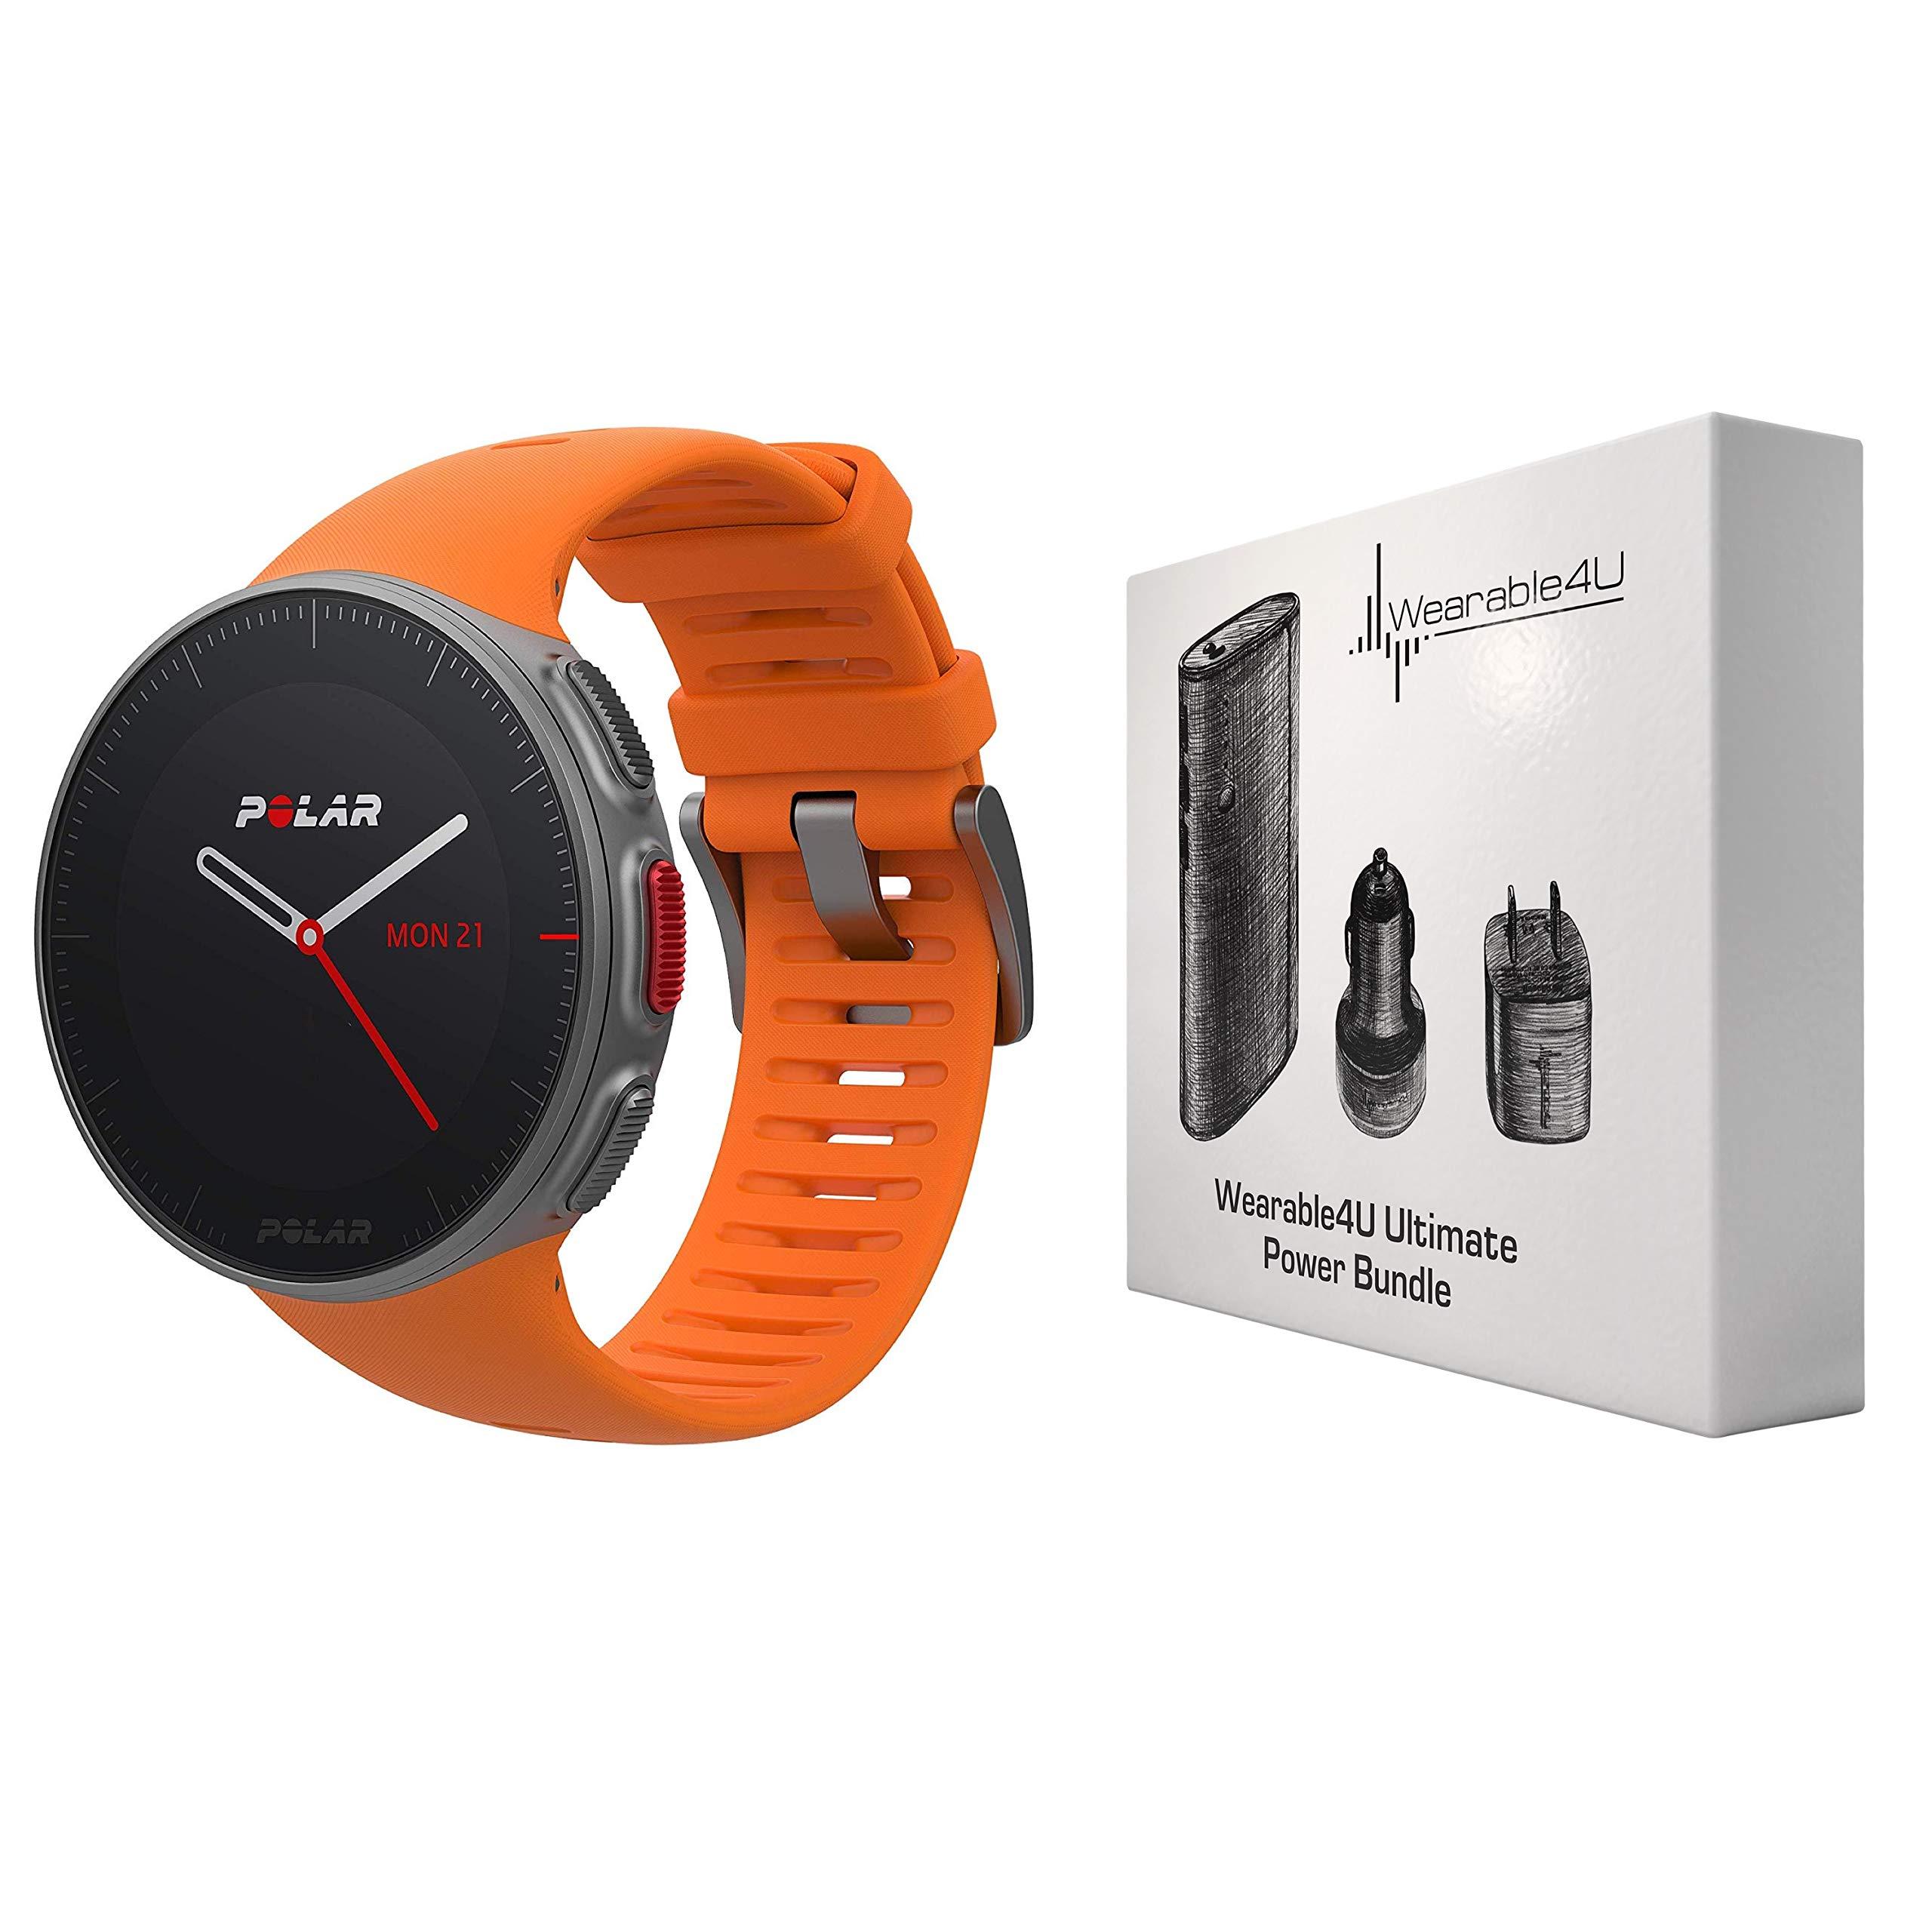 35d3bf0ef Polar Vantage V Pro Multisport GPS Watch and Wearable4U Ultimate Power Pack  Bundle (Orange)